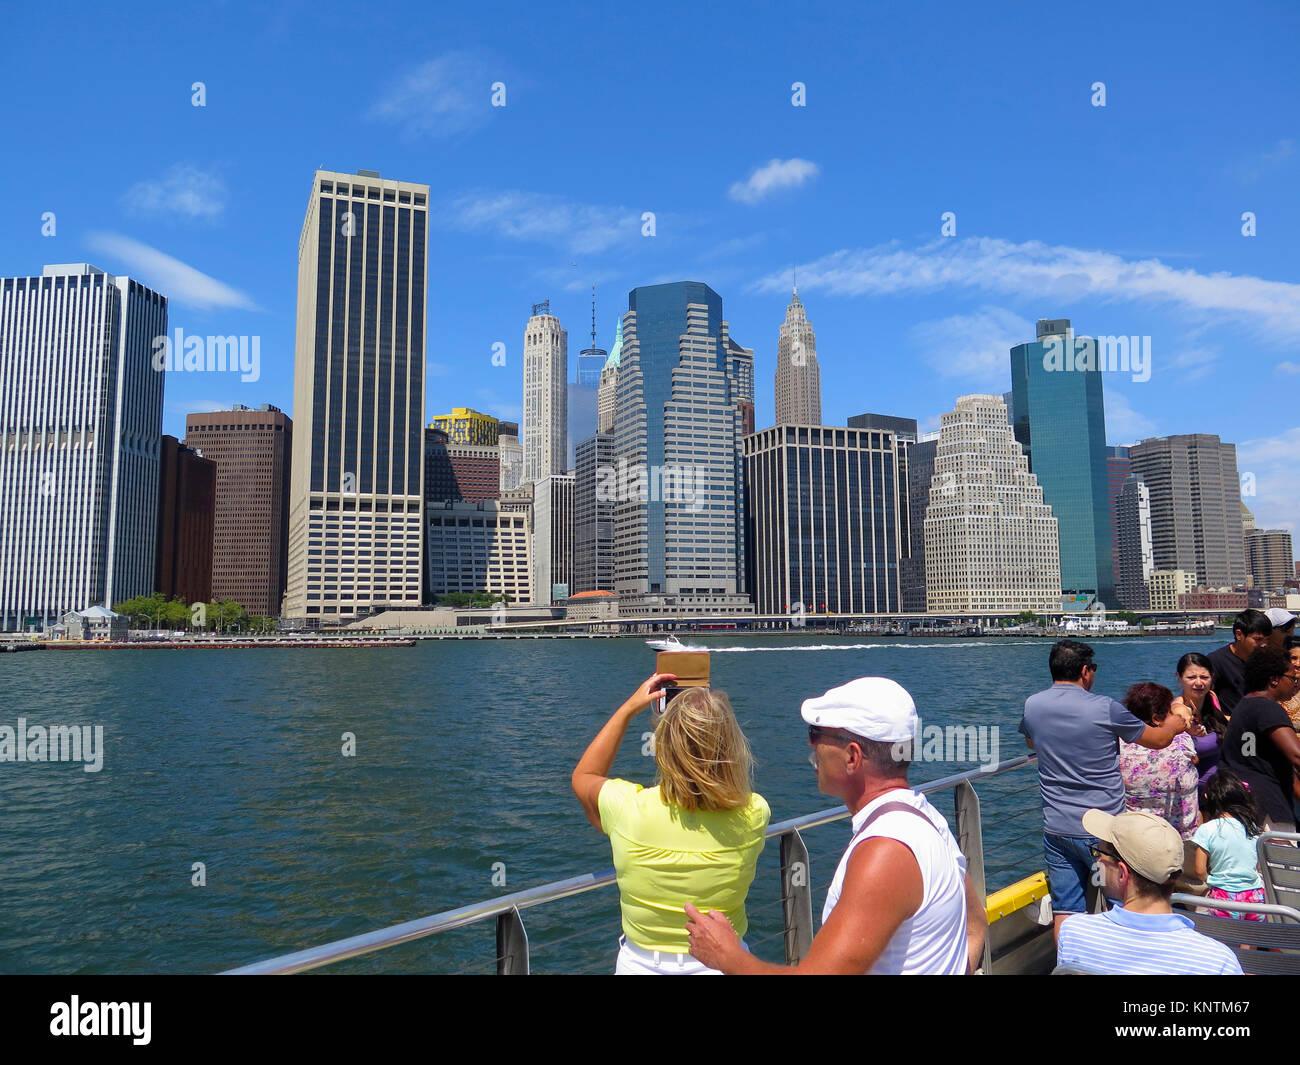 Blick von Personenfähre auf Lower Manhattan, New York, USA - Stock Image